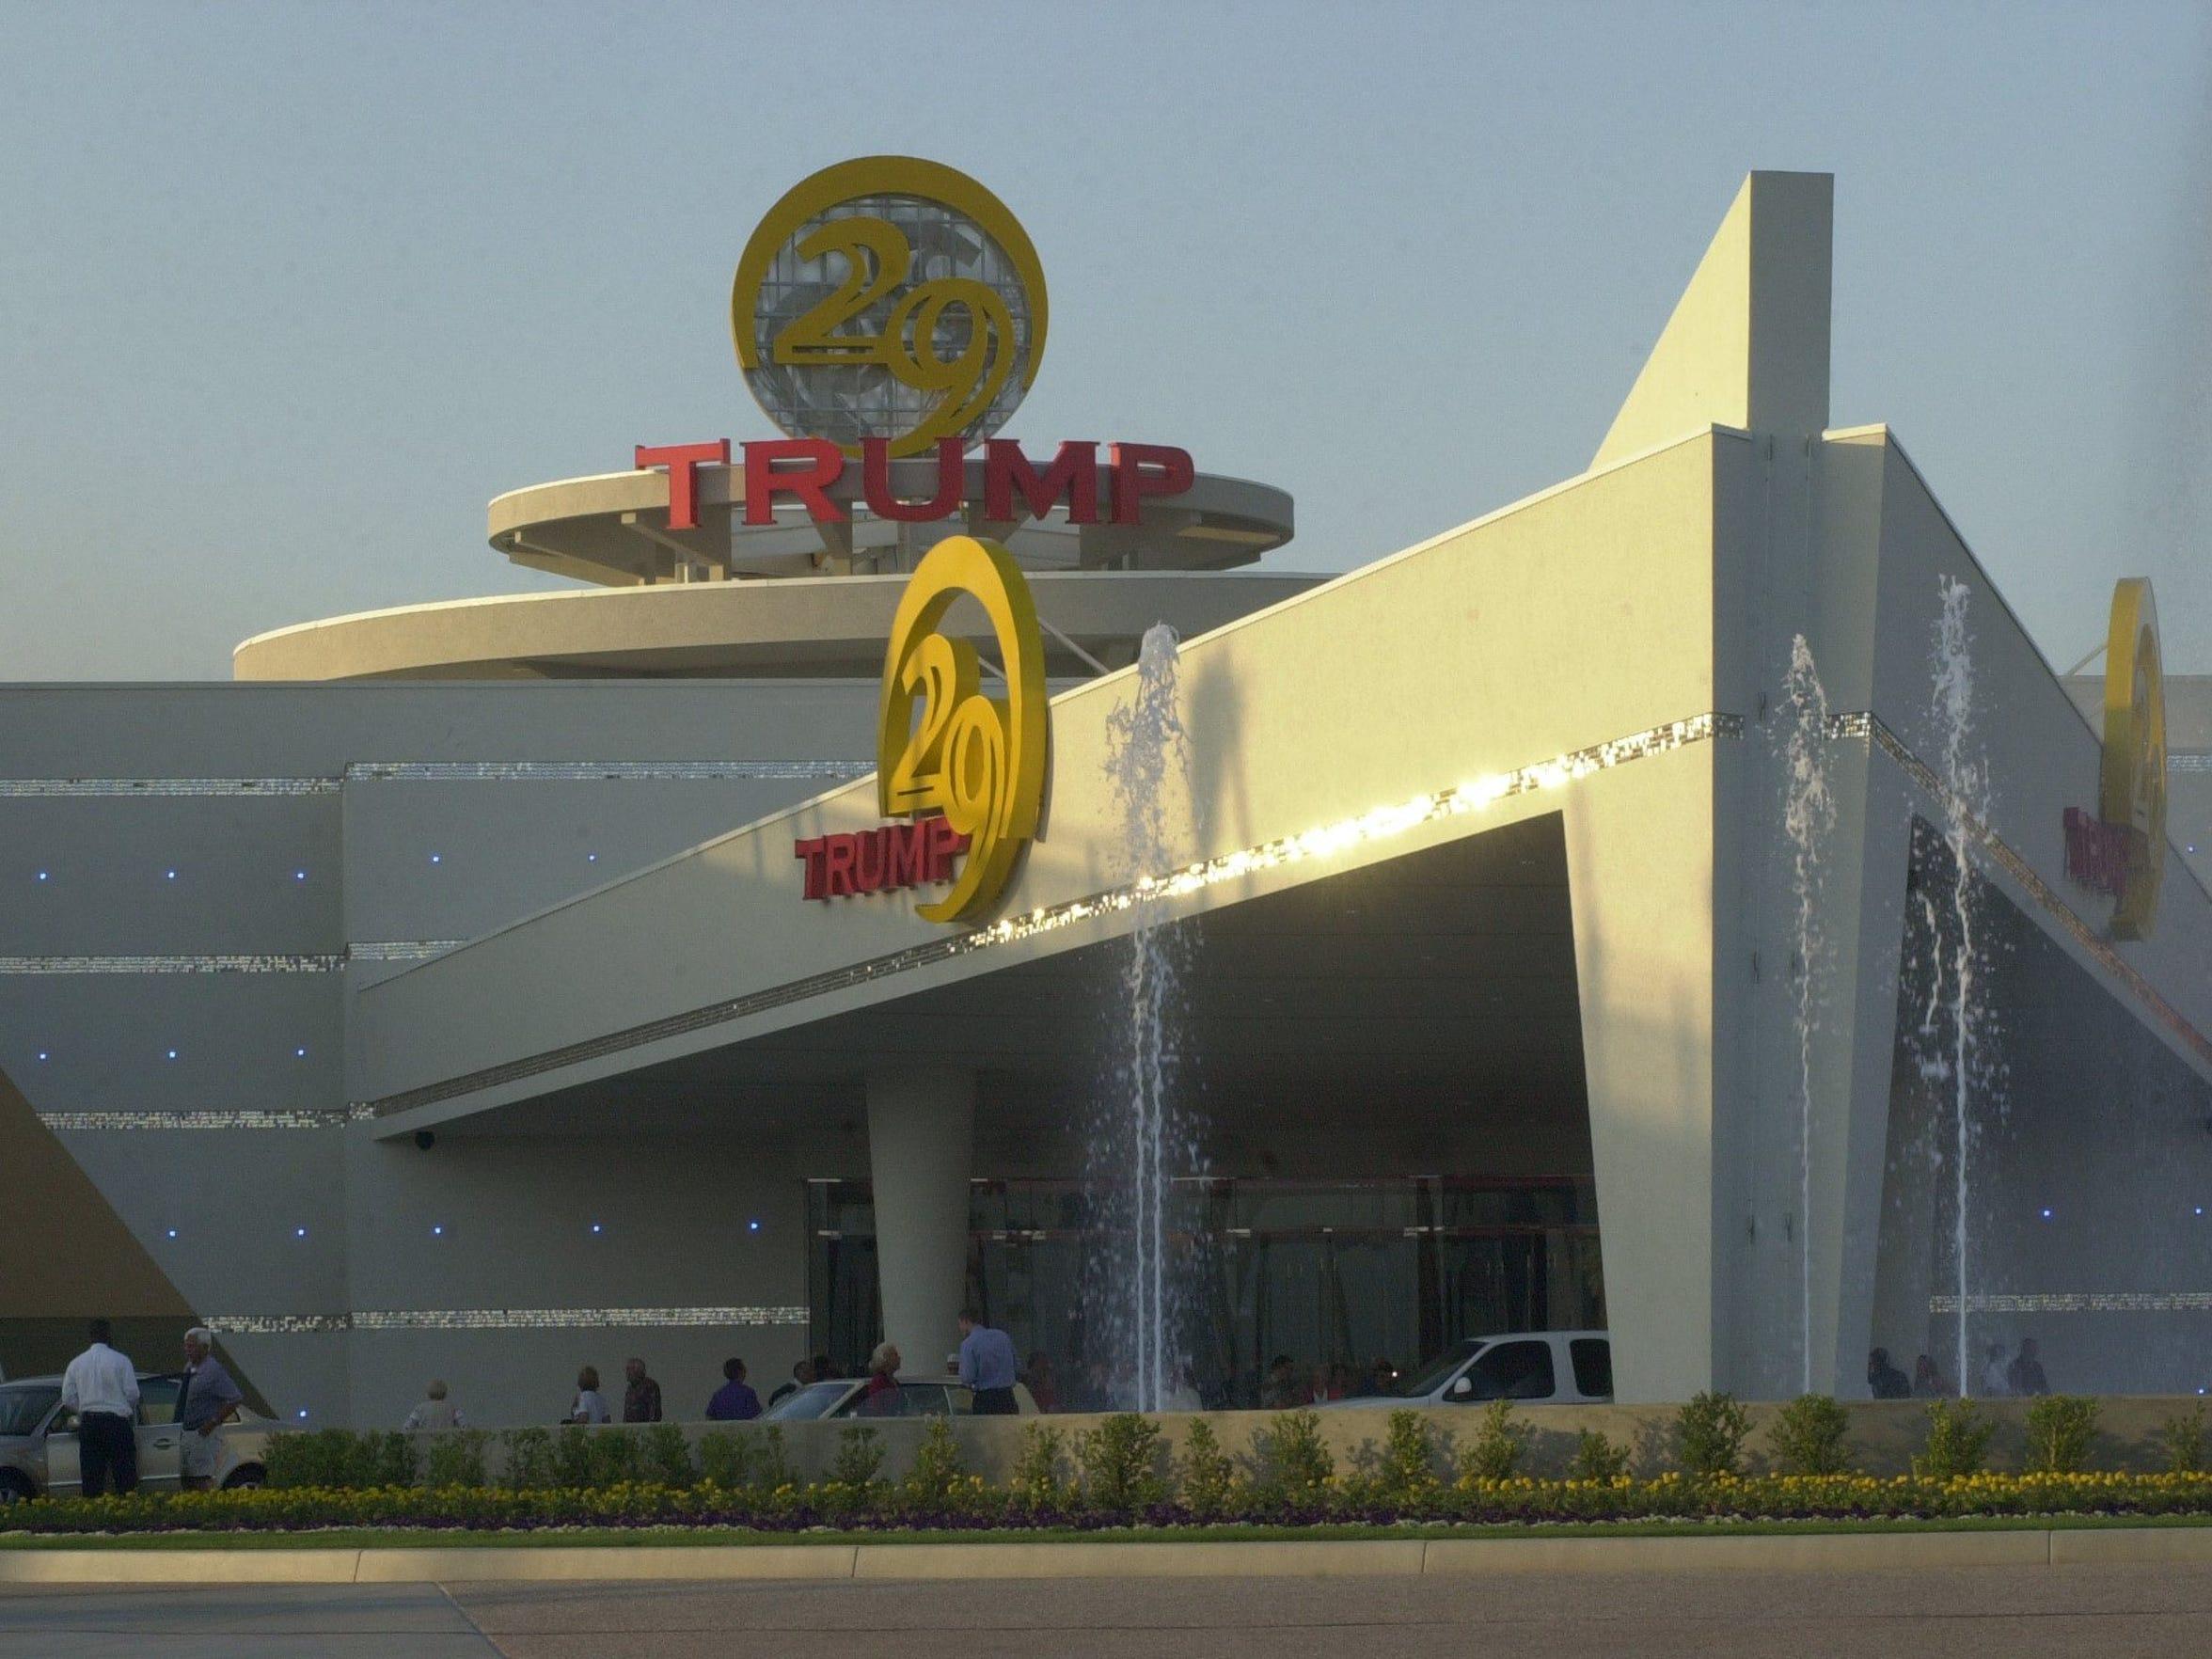 Trump 29 casino, circa 2002.